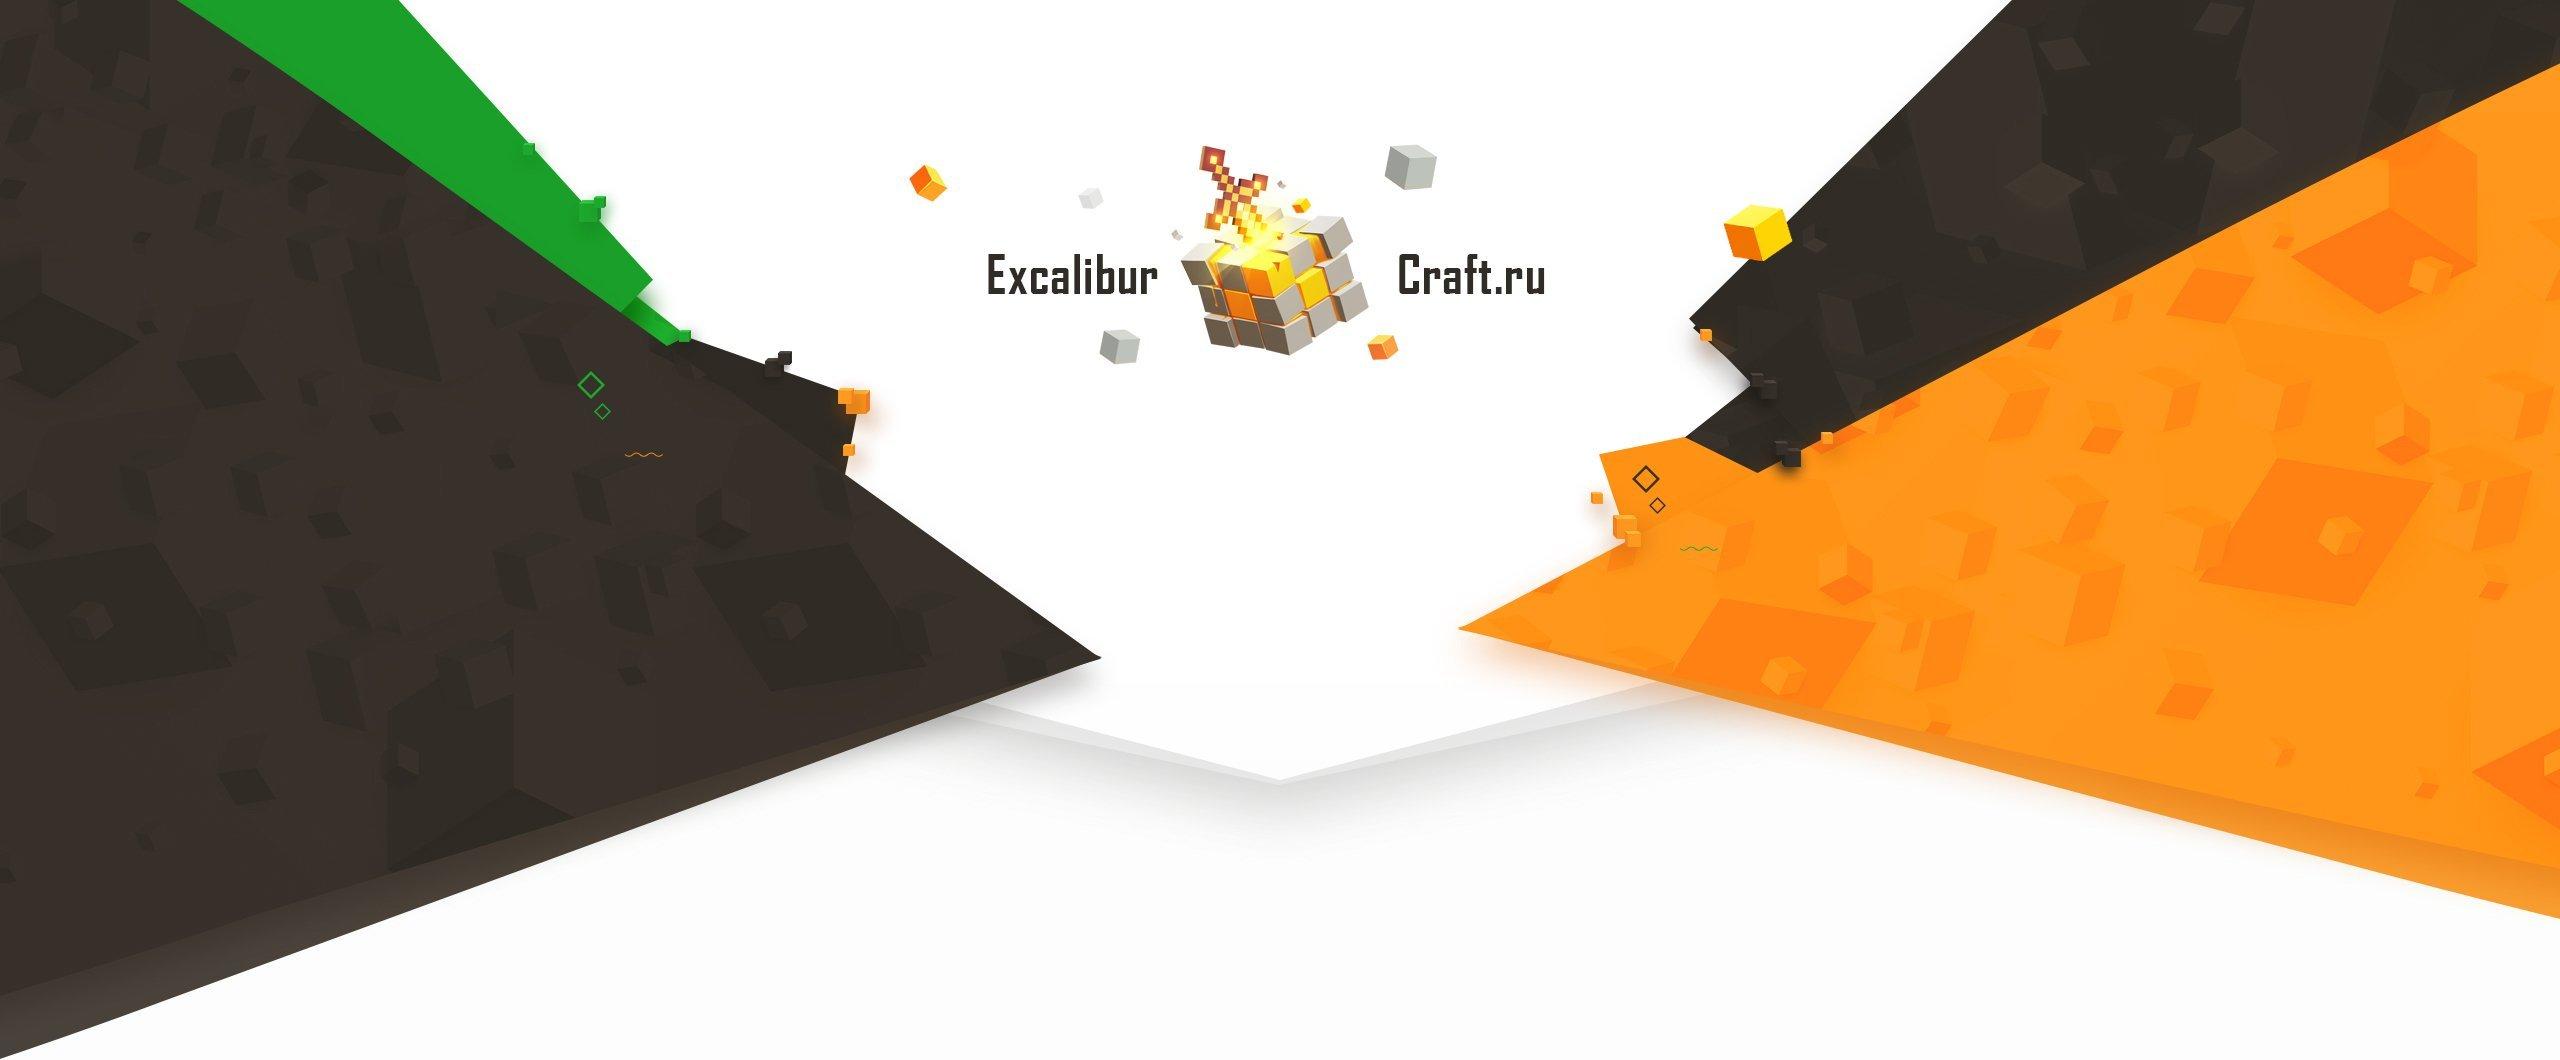 Excalibur Craft